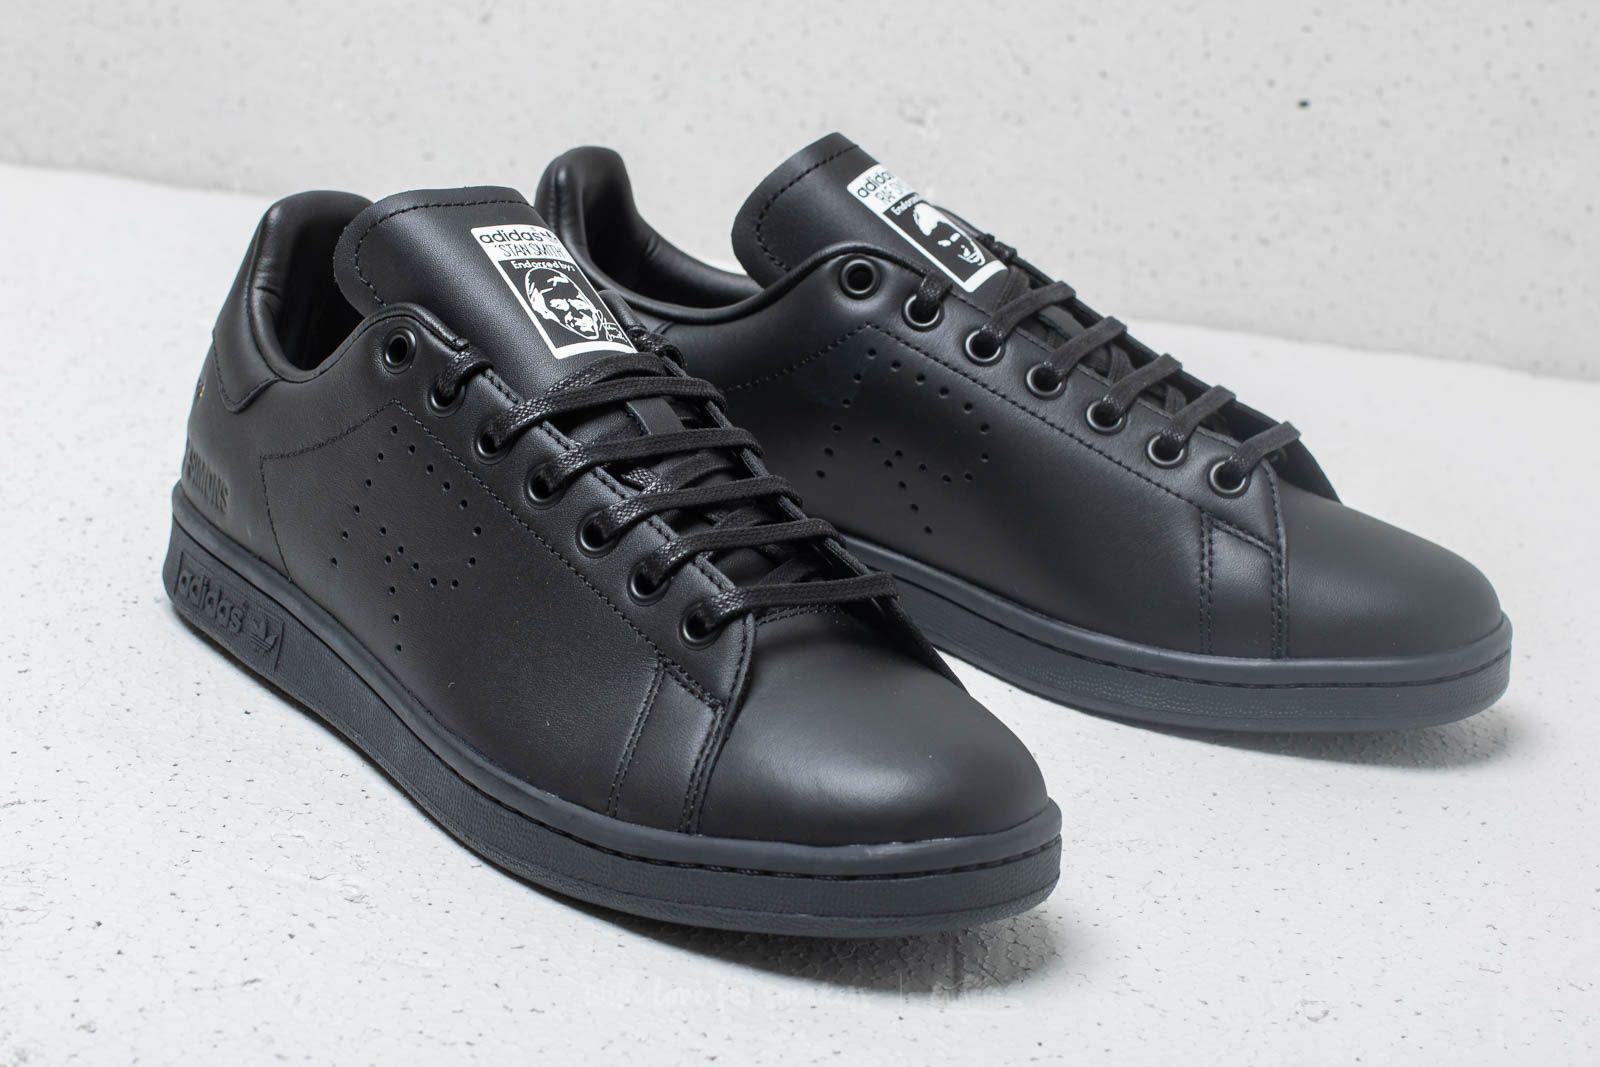 f305c7bfdfec Lyst - Footshop Adidas X Raf Simons Stan Smith Core Black  Dgh Solid ...